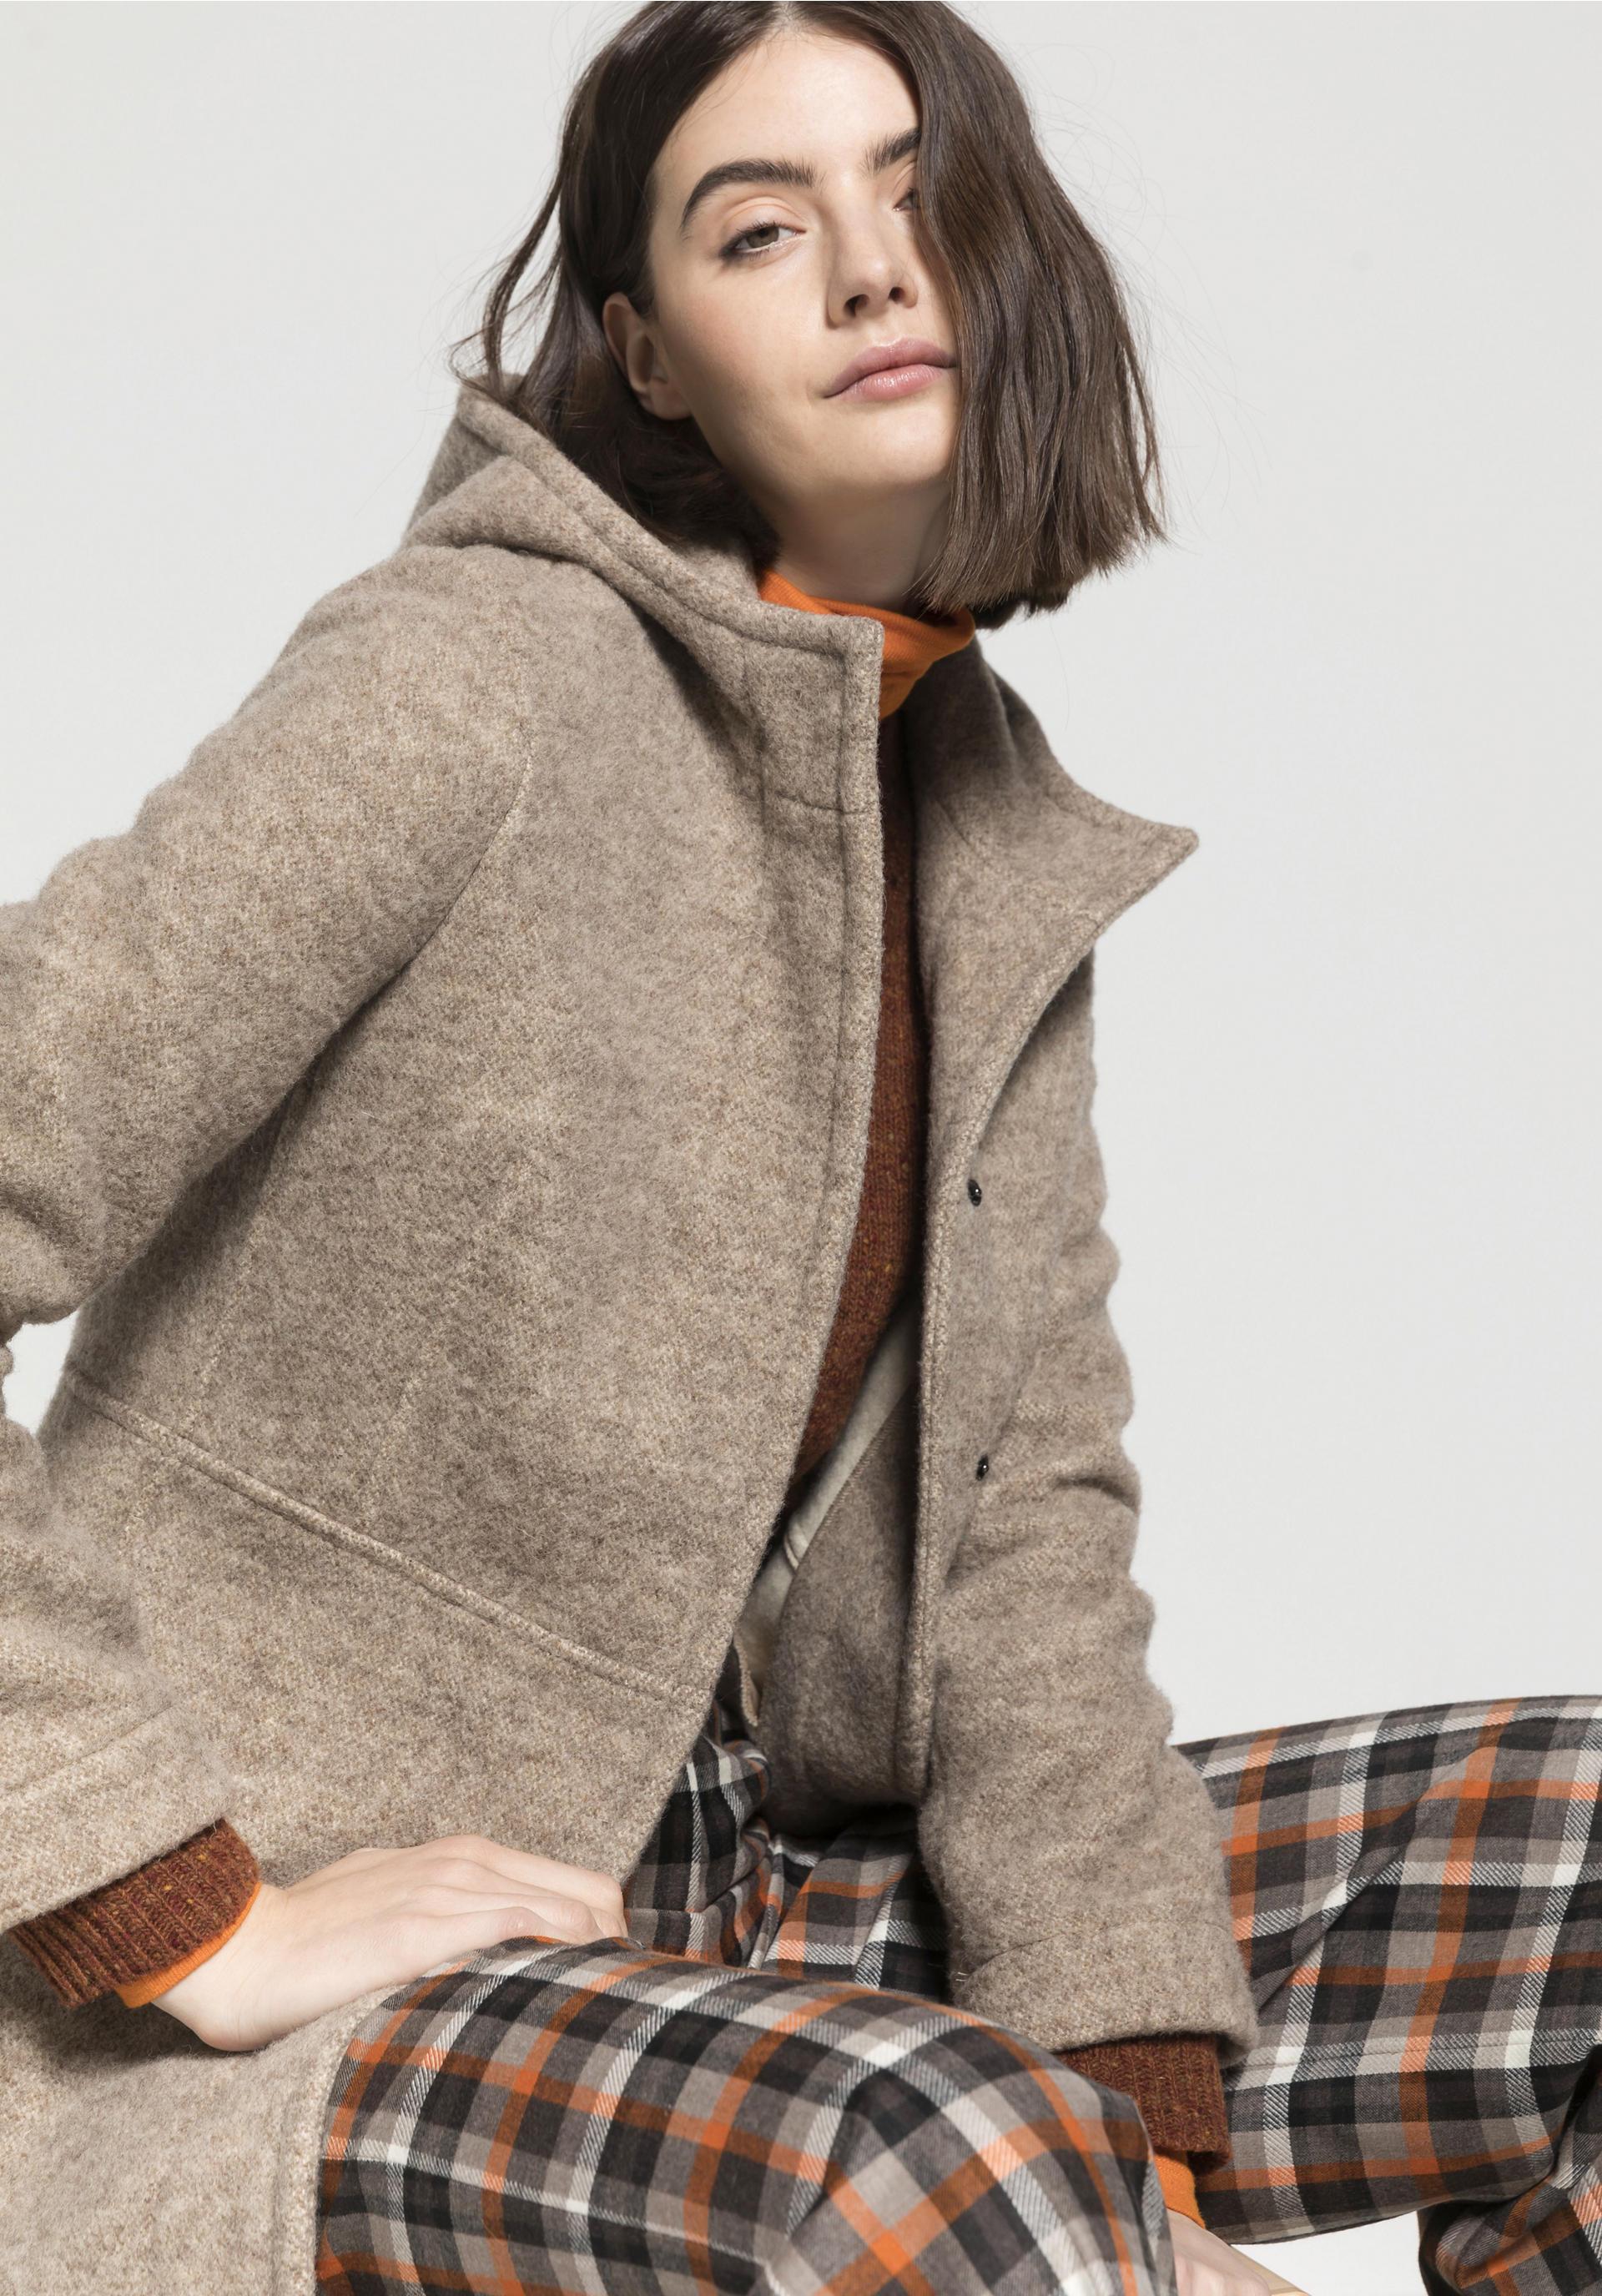 Mantel aus reiner Schurwolle vom Rhönschaf von hessnatur